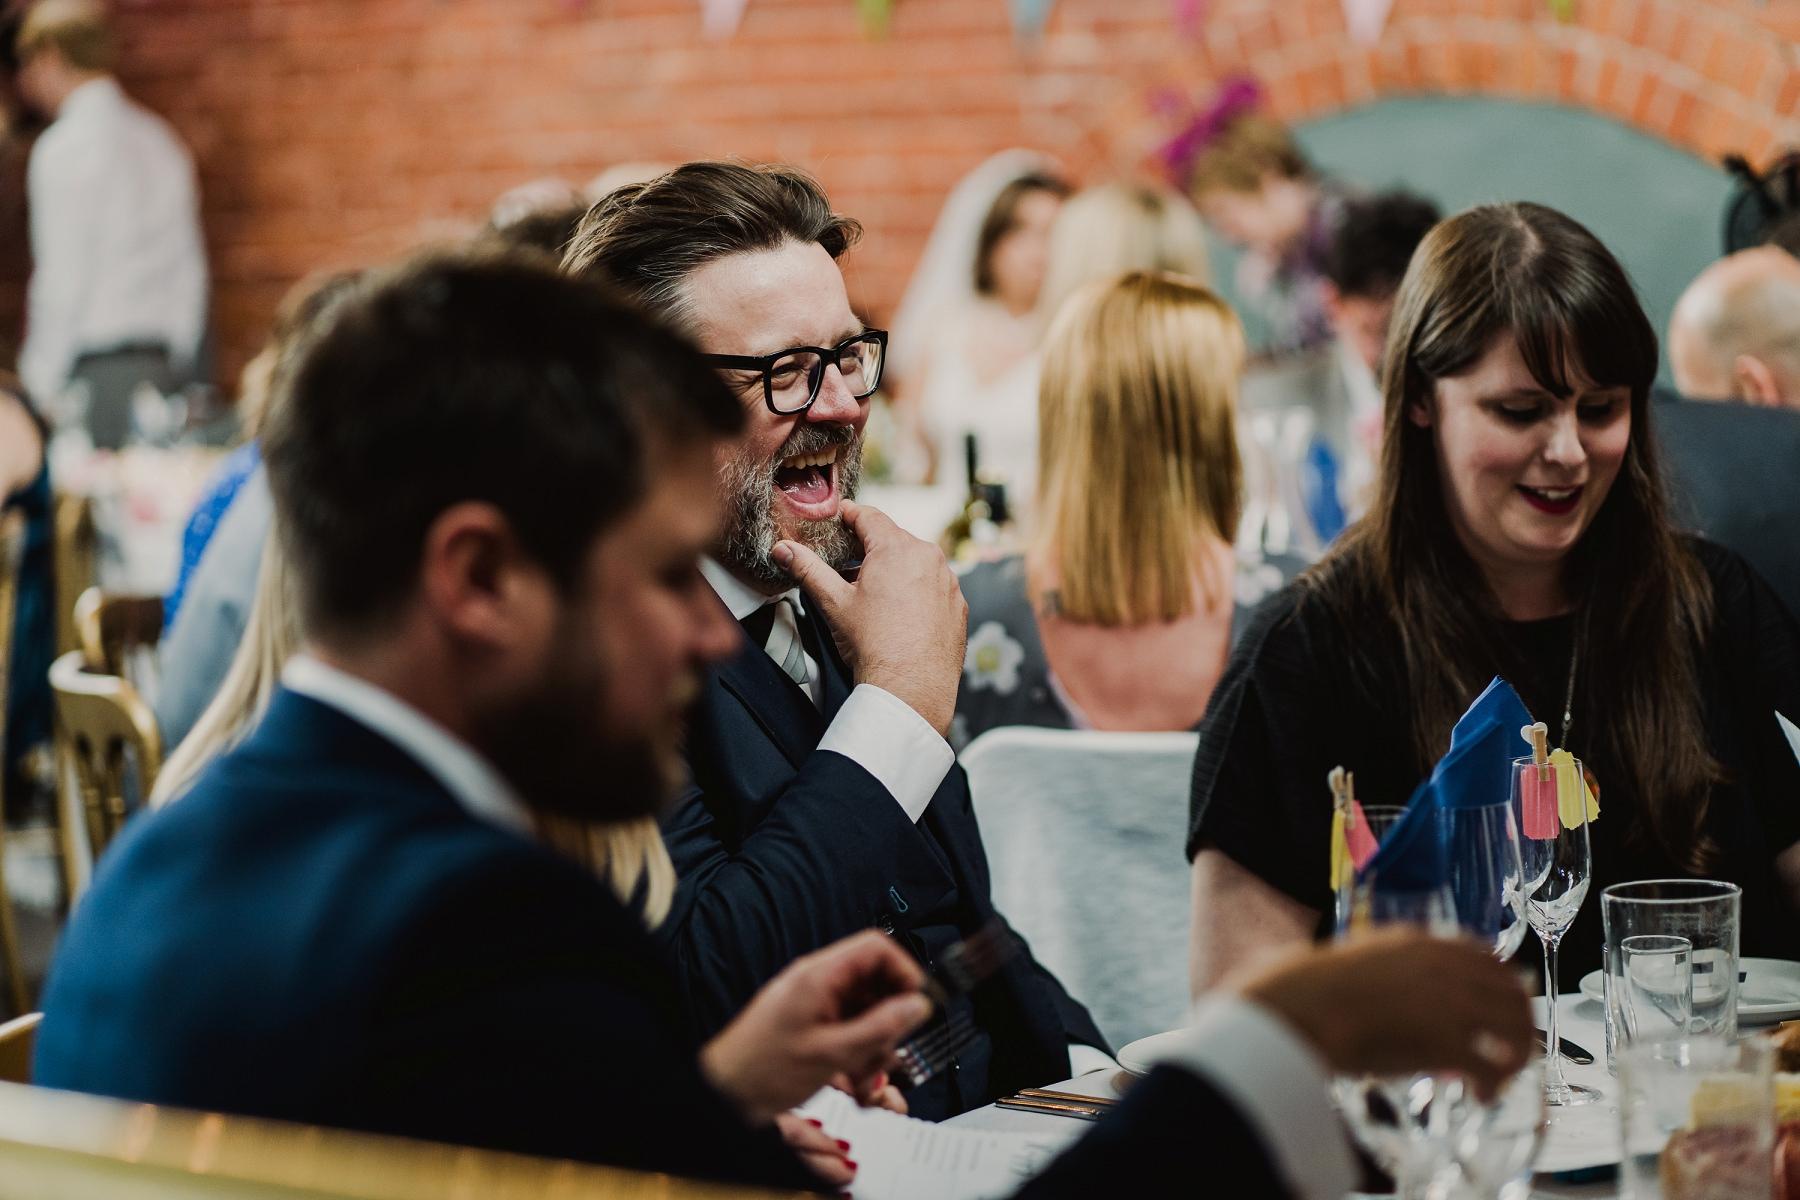 emma_steffan_wedding_buttermarket_0231.jpg